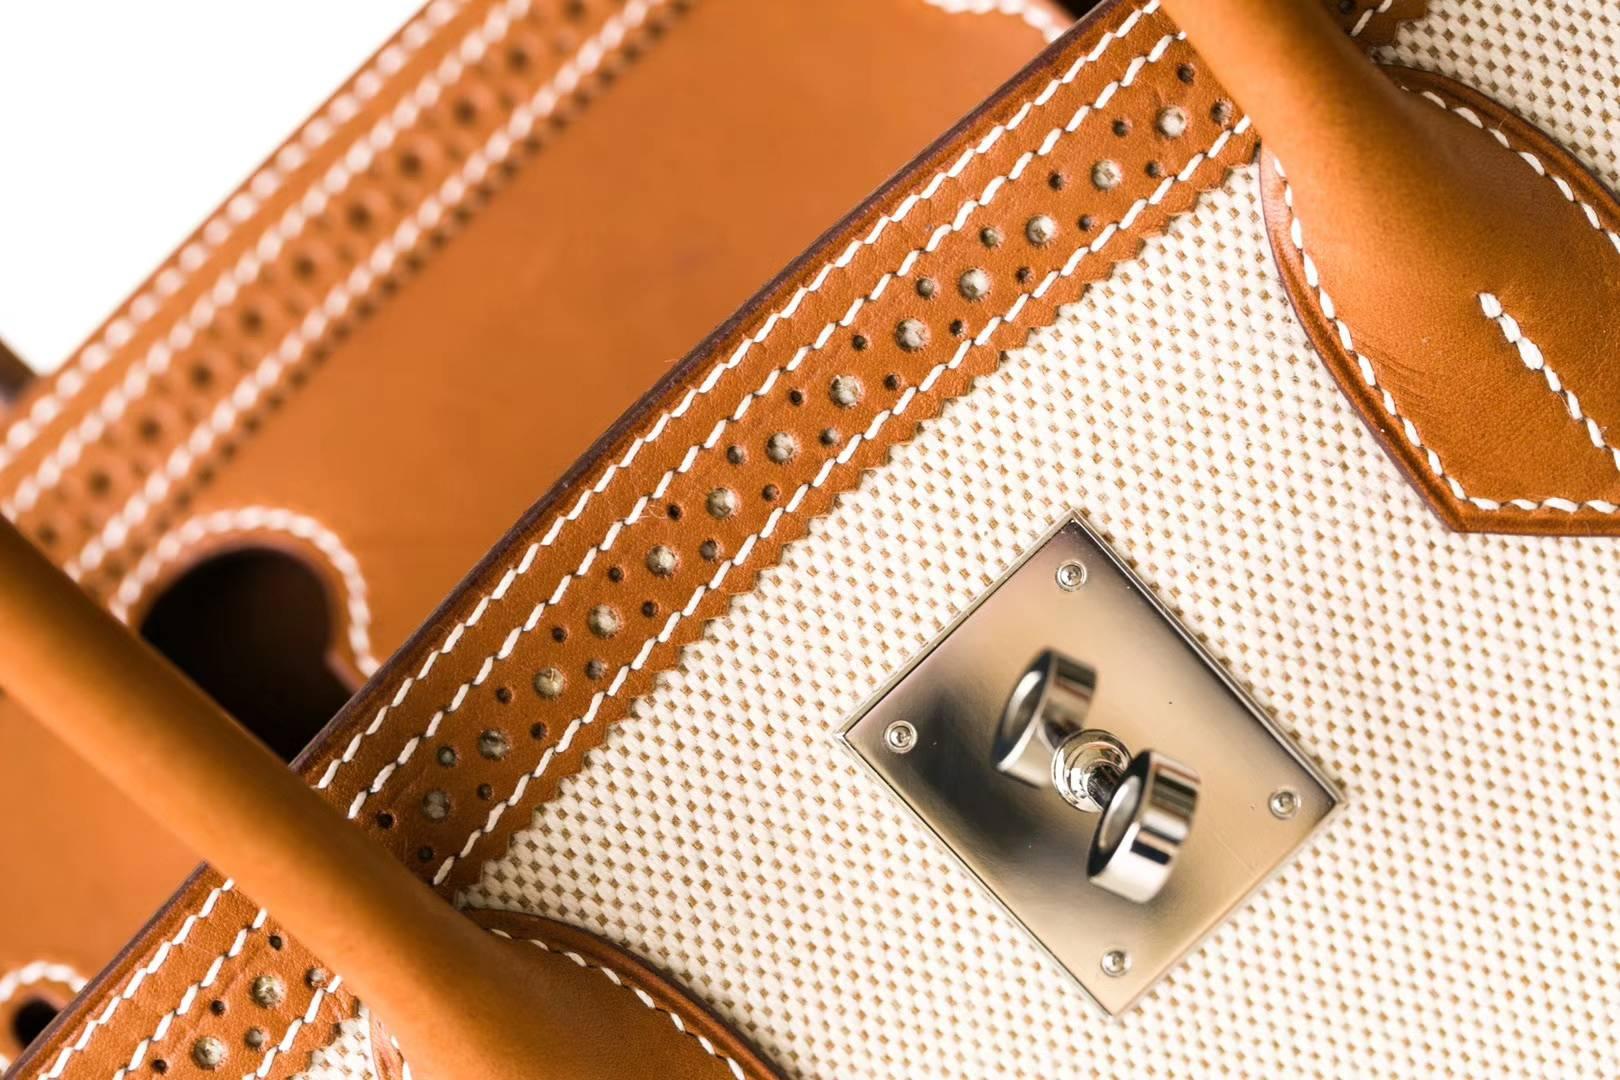 爱马仕蕾丝款铂金包 Hermes Birkin30CM 金色Swift牛皮拼奶昔白帆布 银扣